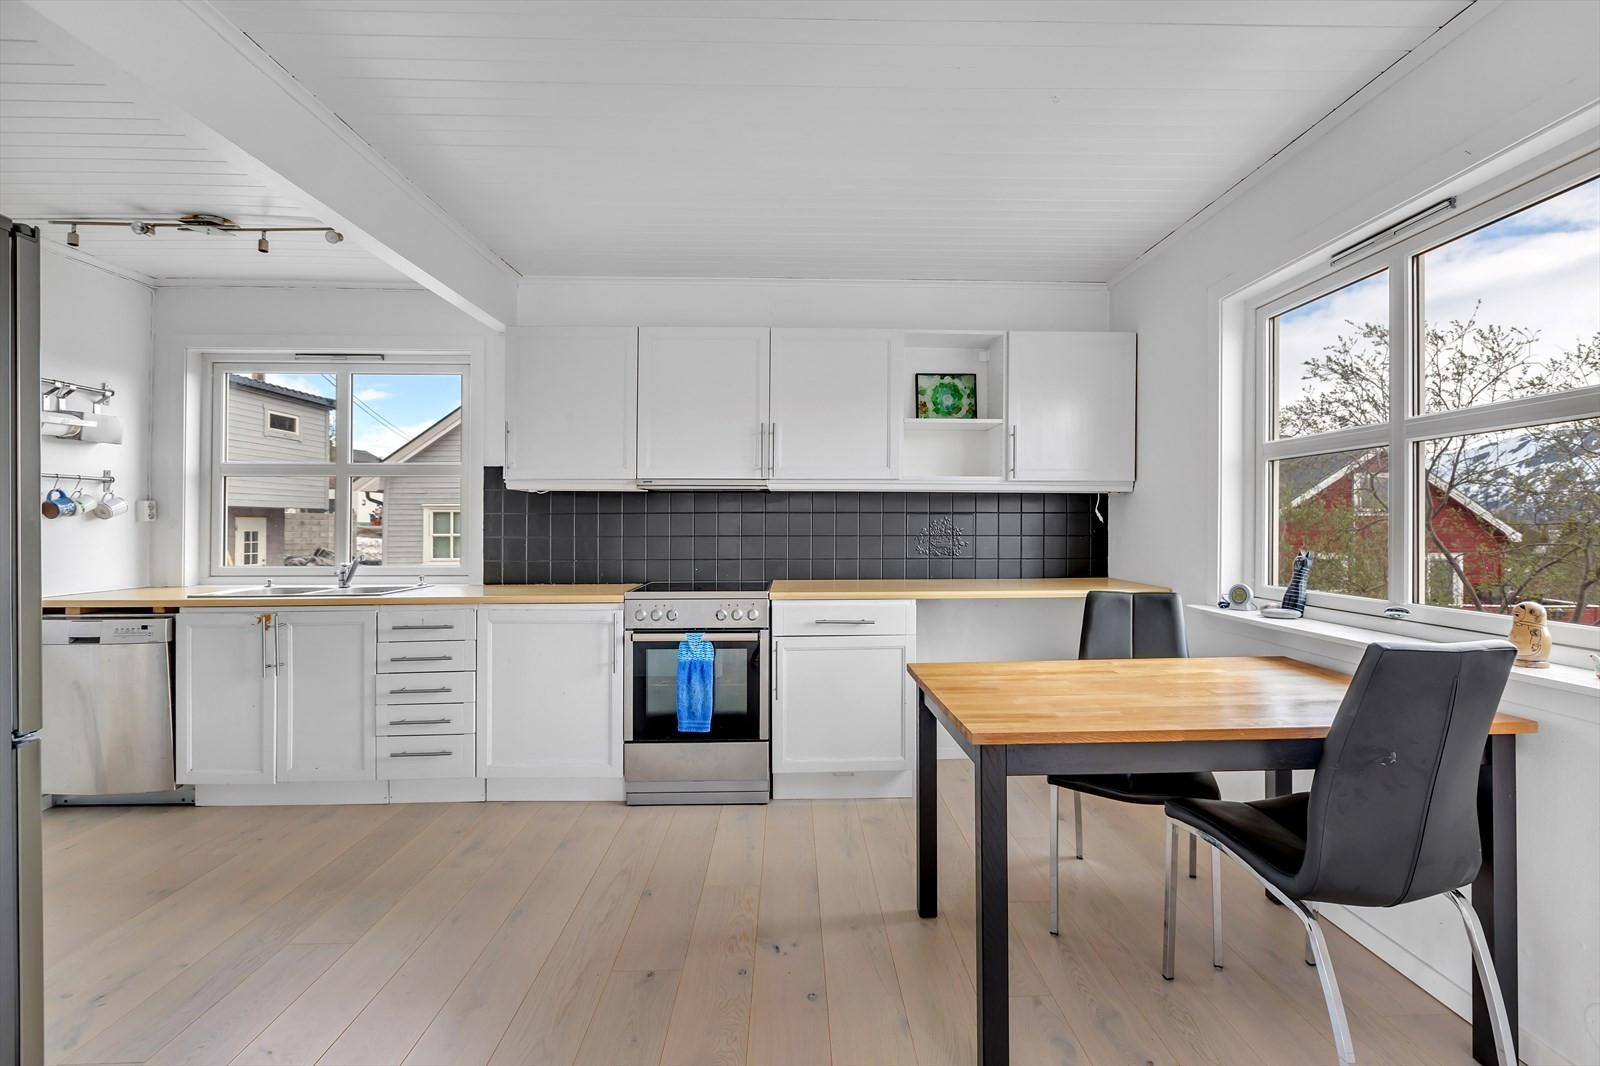 Kjøkken med vindu og lysinnslipp mot øst og nord.